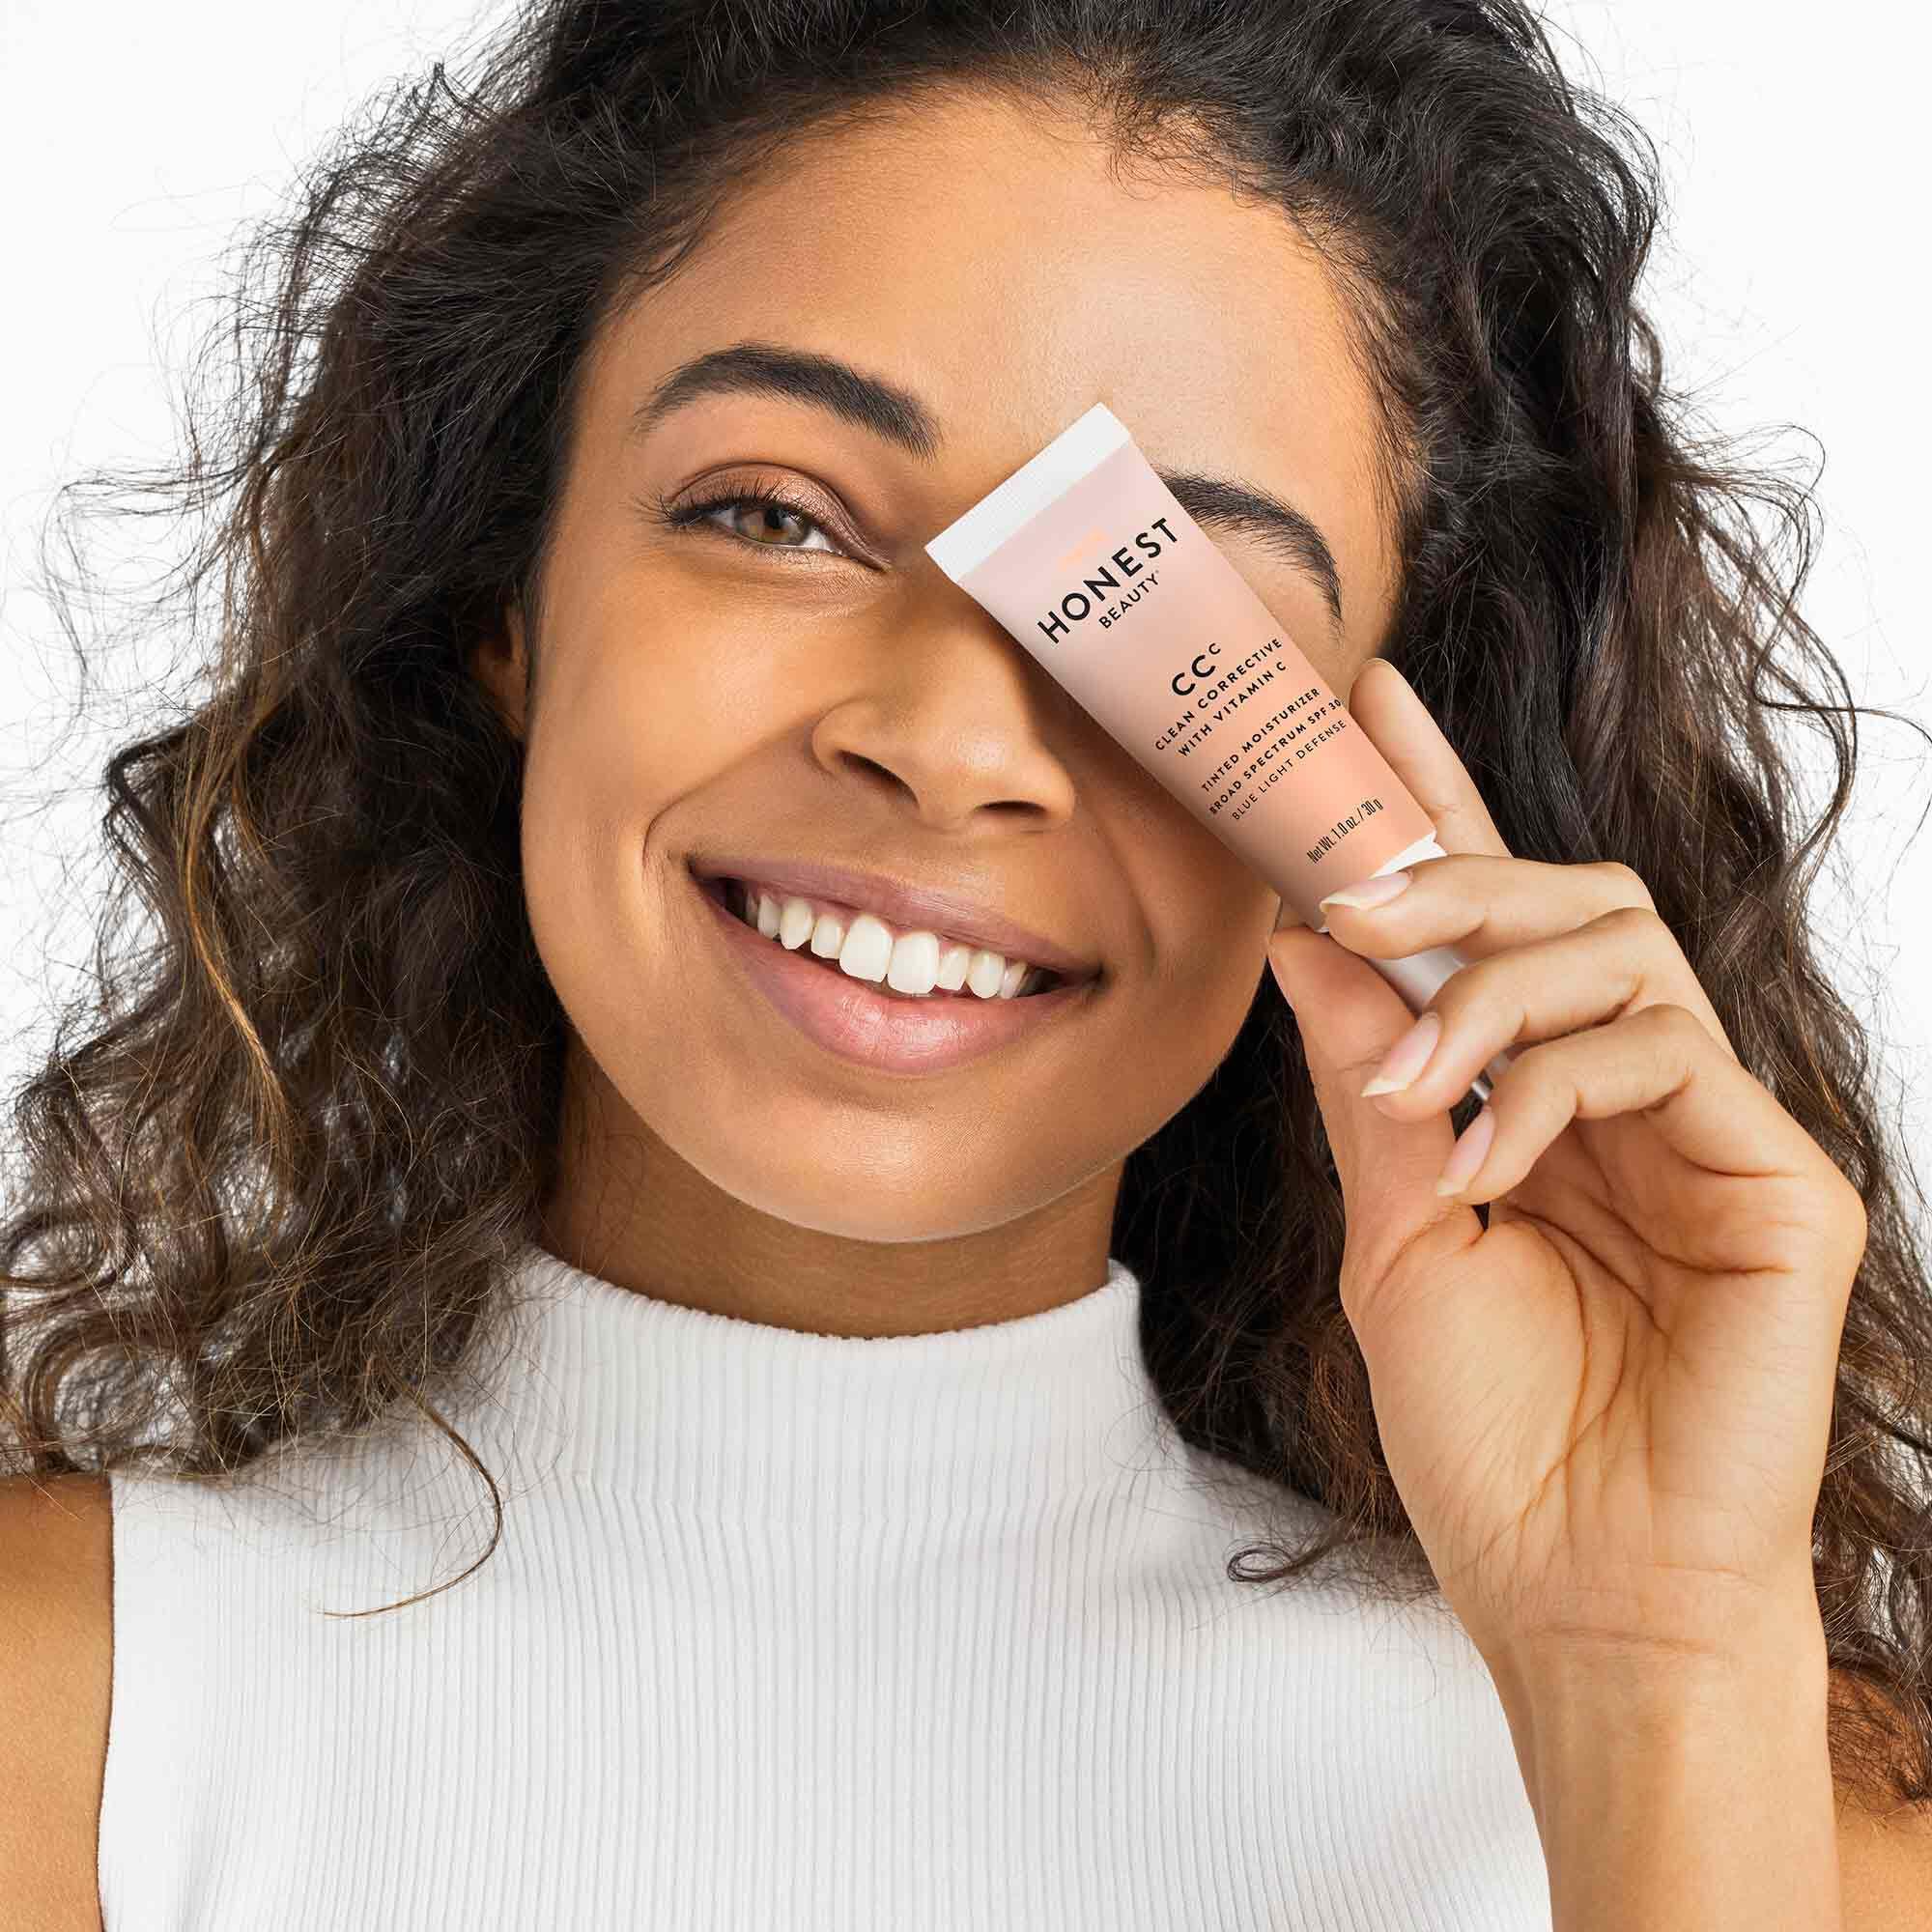 model holding moisturizer product